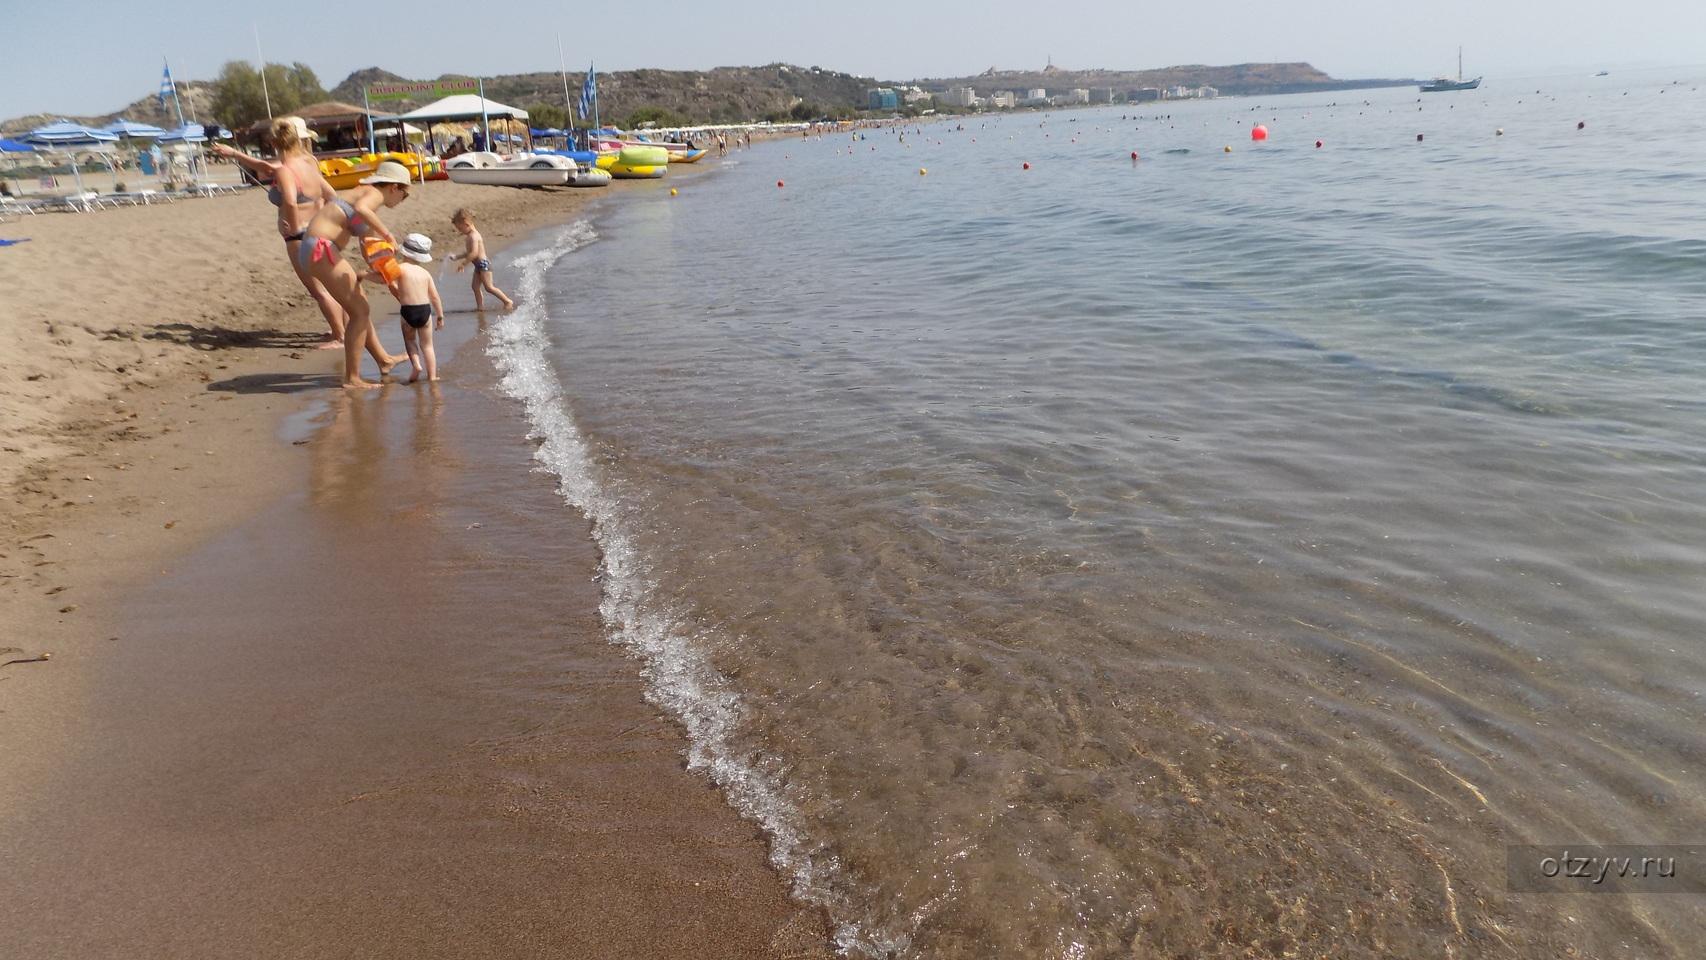 Пляжи родоса для отдыха